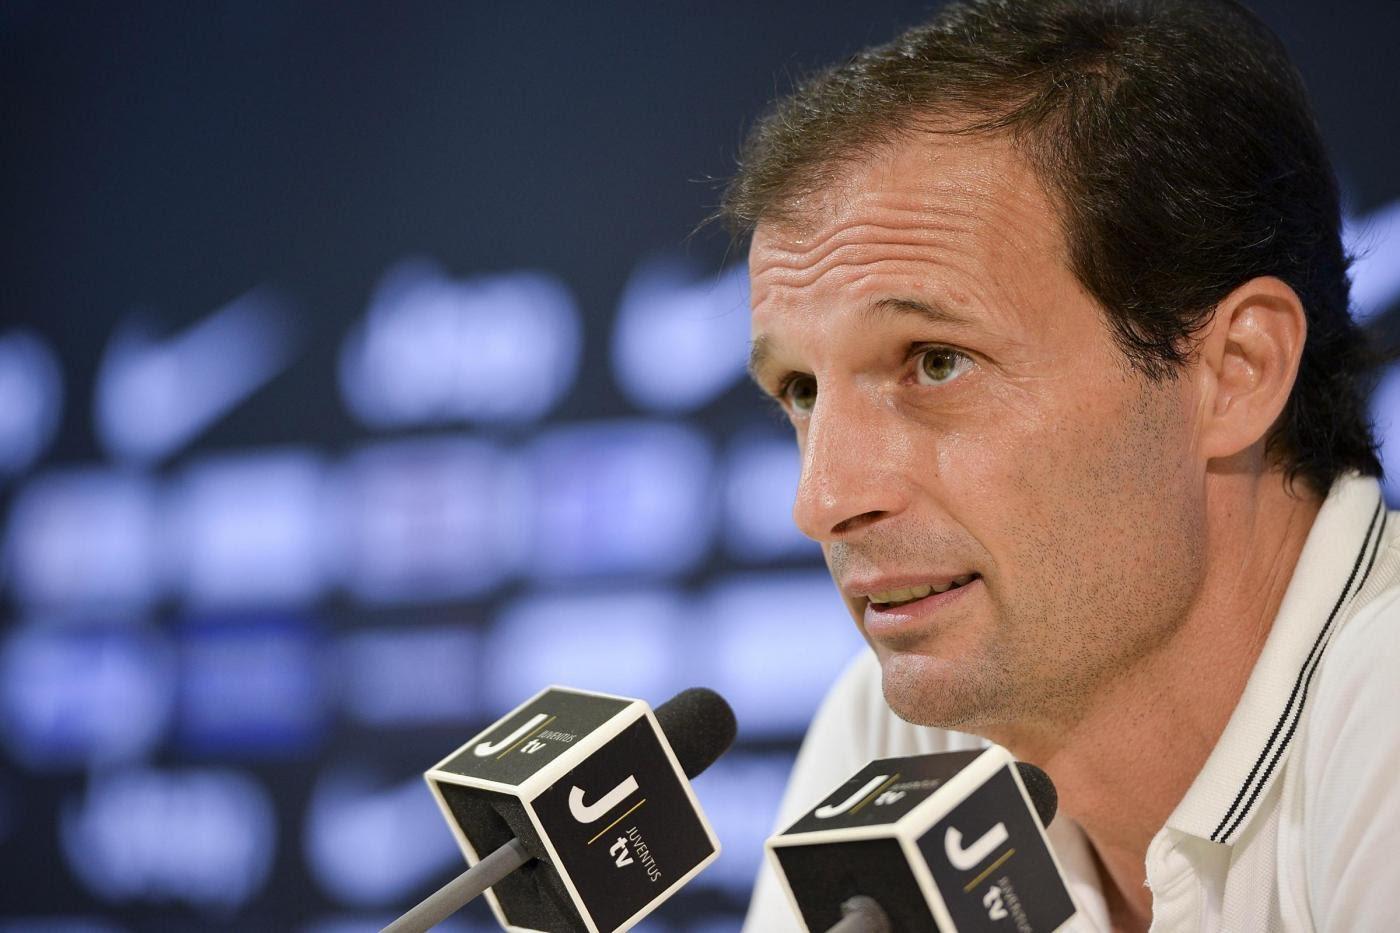 Massimiliano Allegri presenta Juventus Udinese - Massimiliano Allegri previews Juventus v Udinese